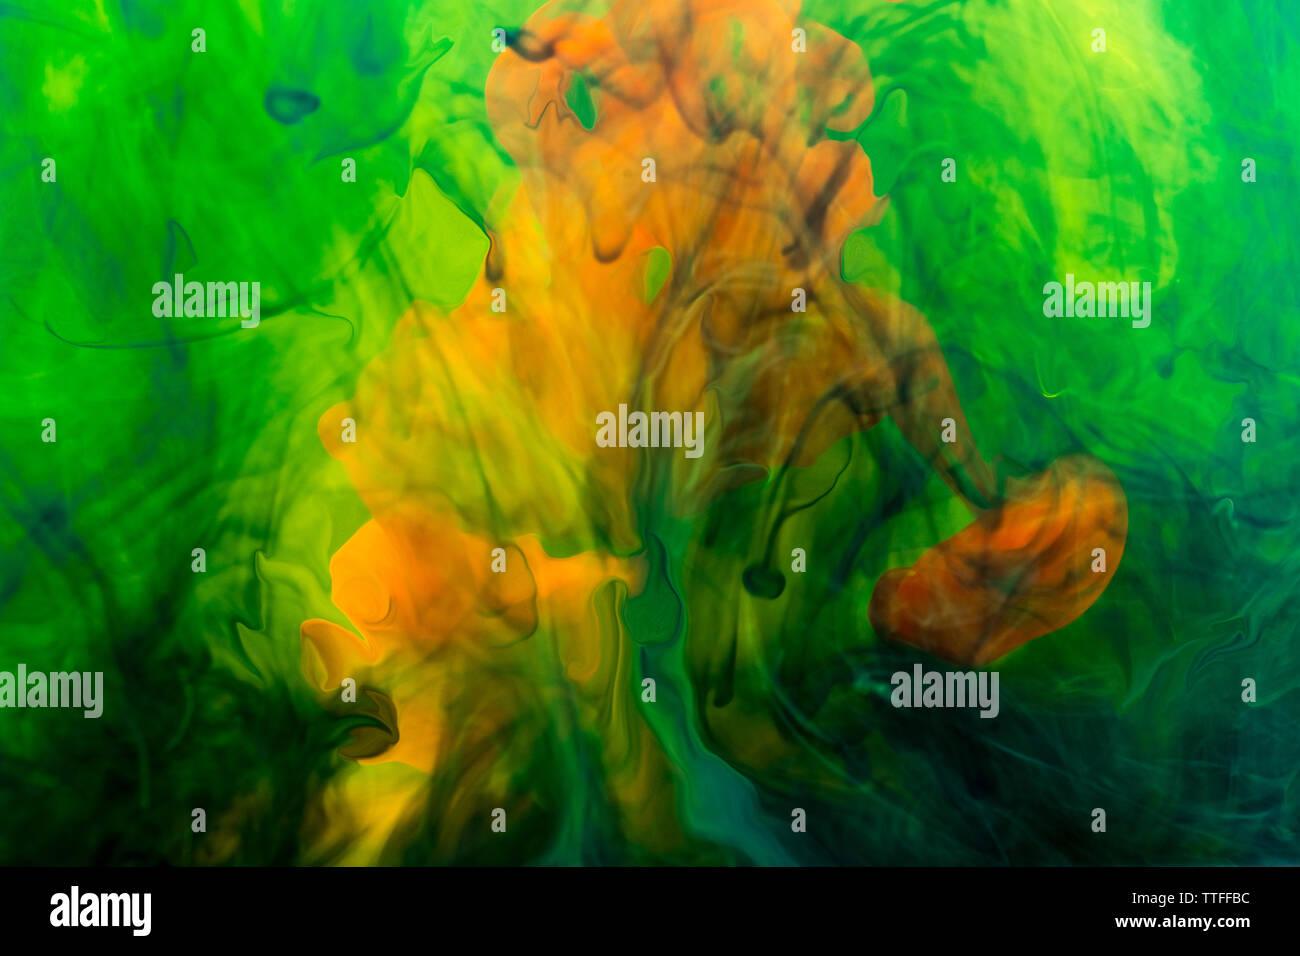 Tinta de color naranja y colores marinos disuelto en líquido. Imagen De Stock